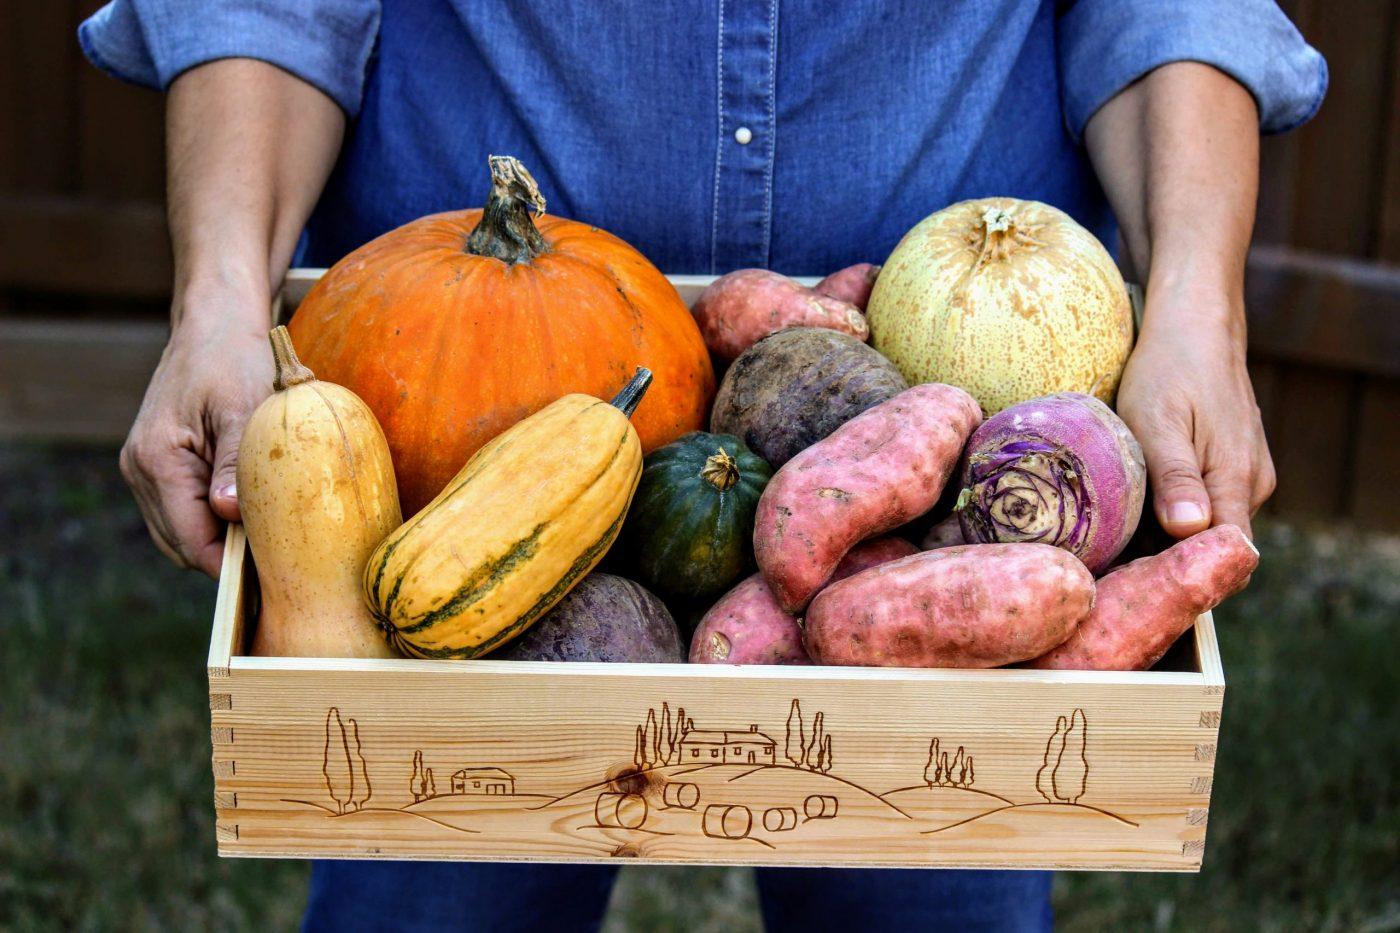 Farm Share CSA box